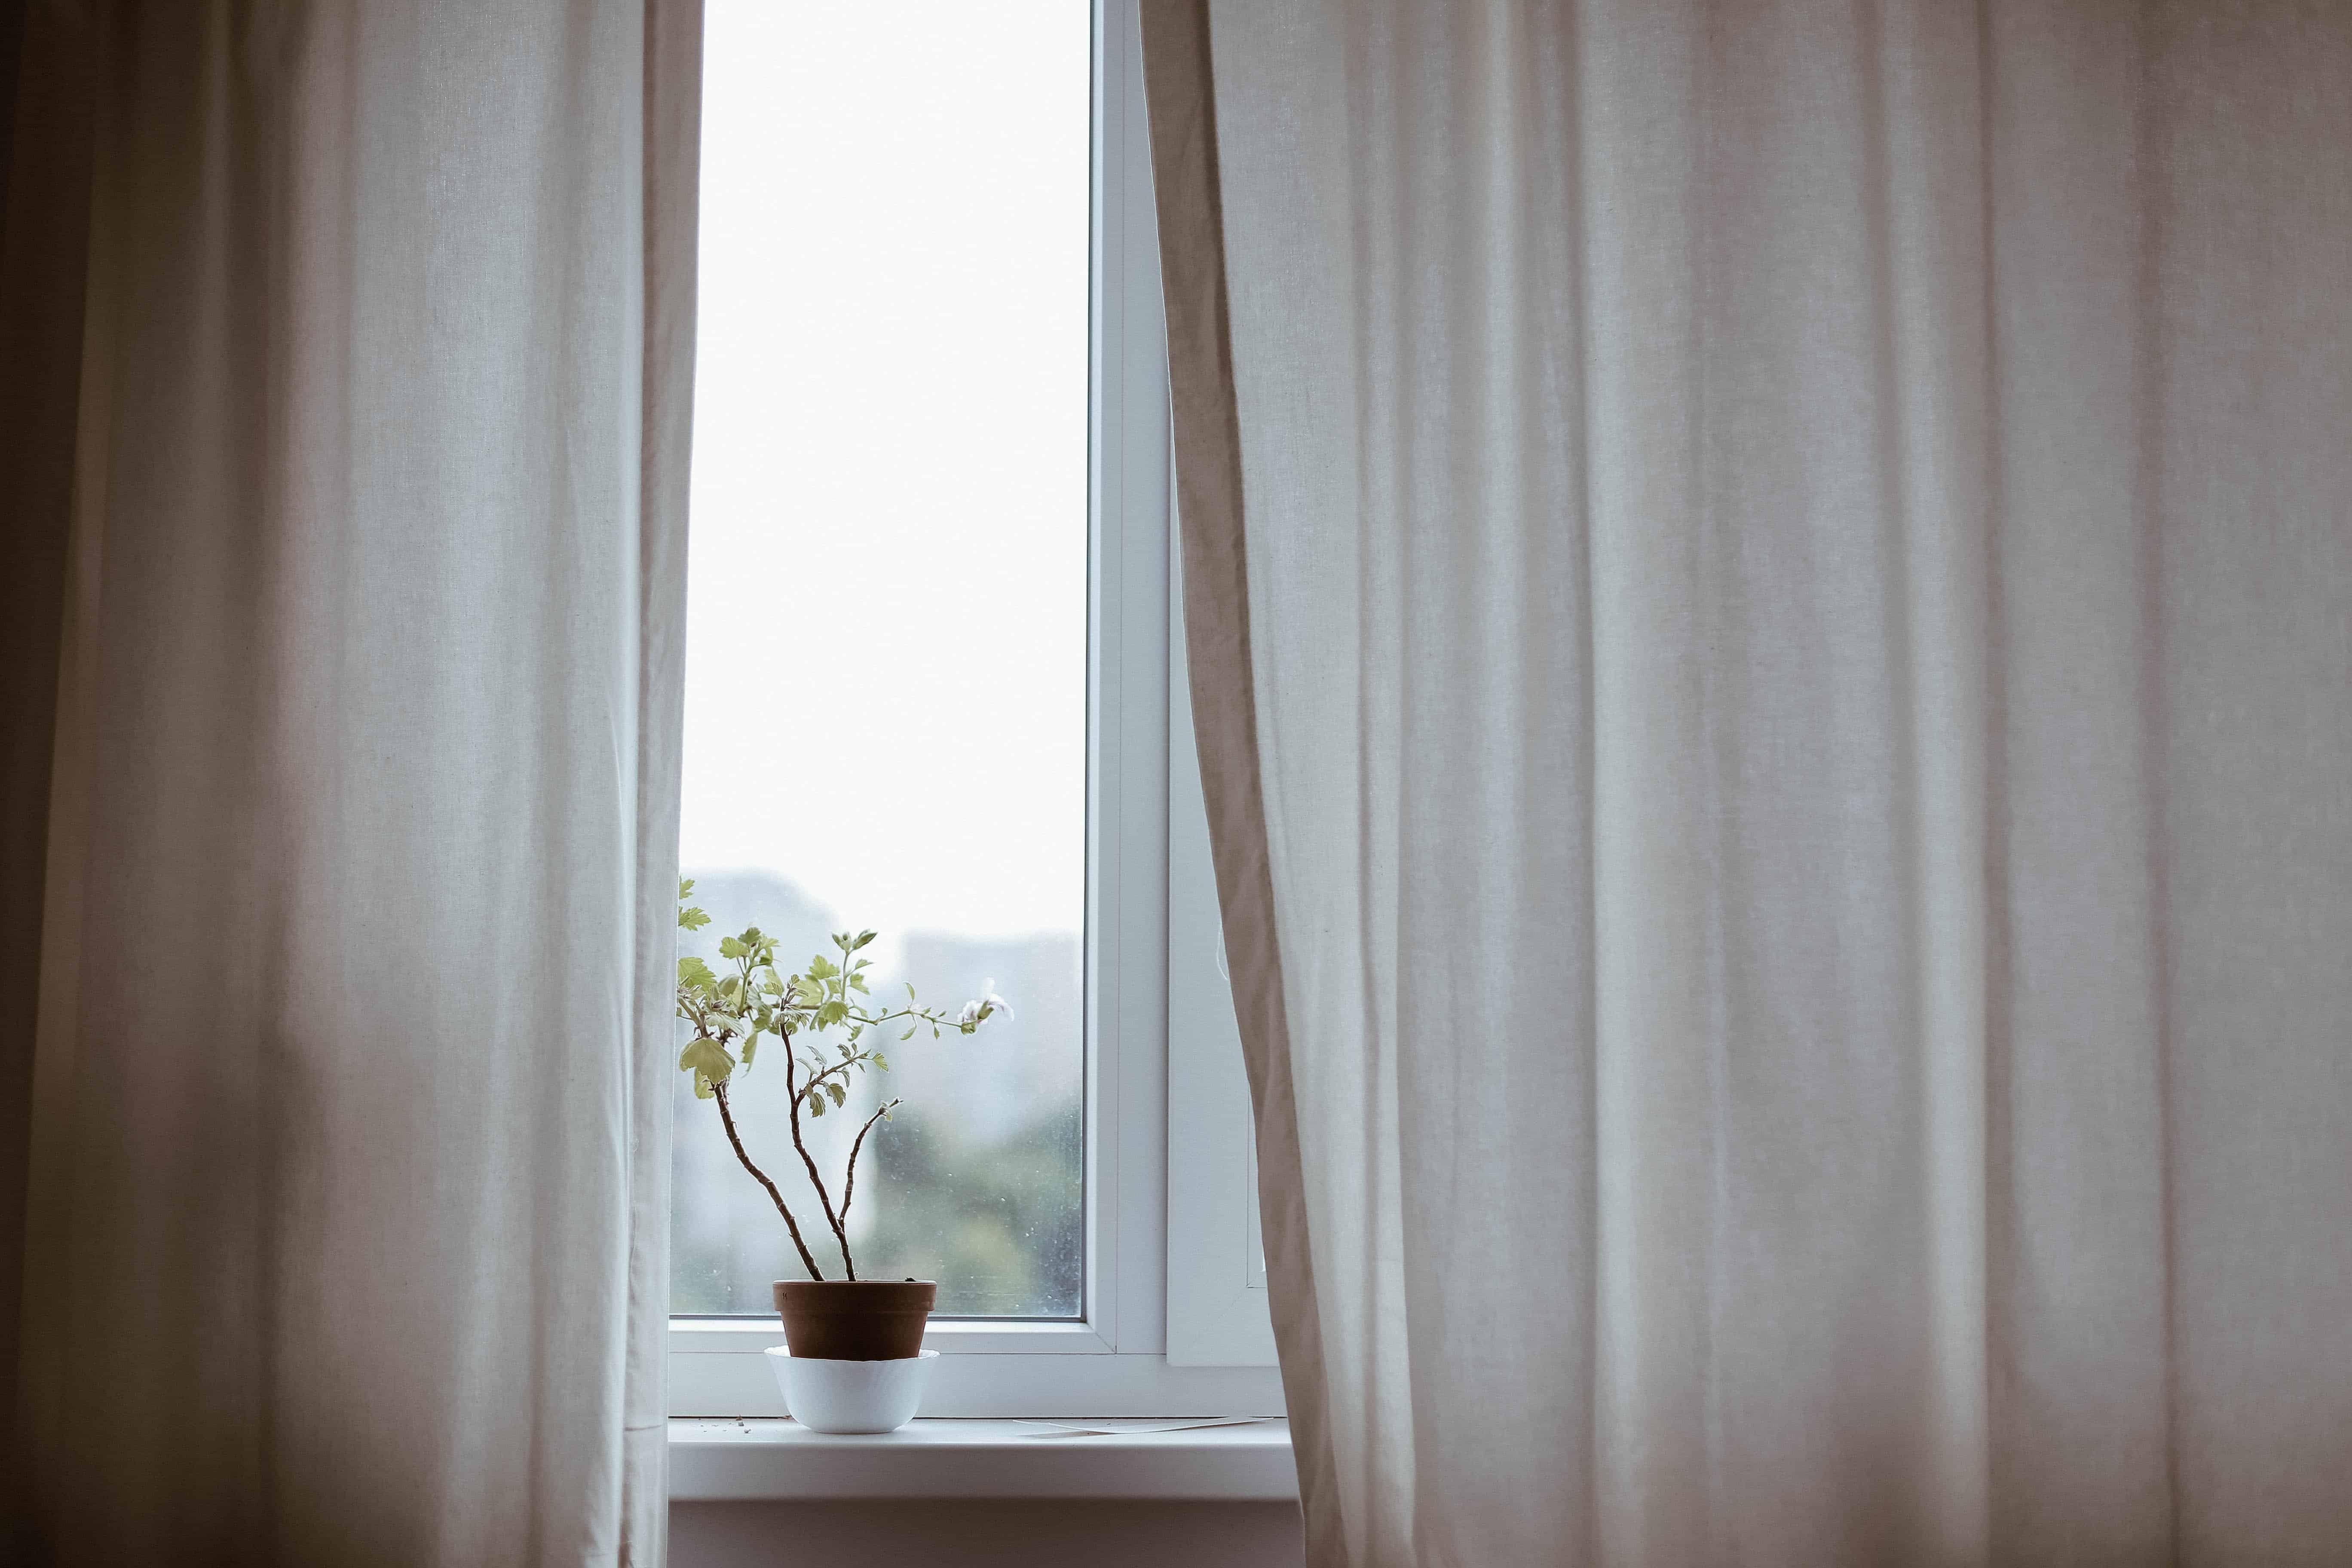 Sommer eller vinter - hvilken årstid giver din kælder problemer?